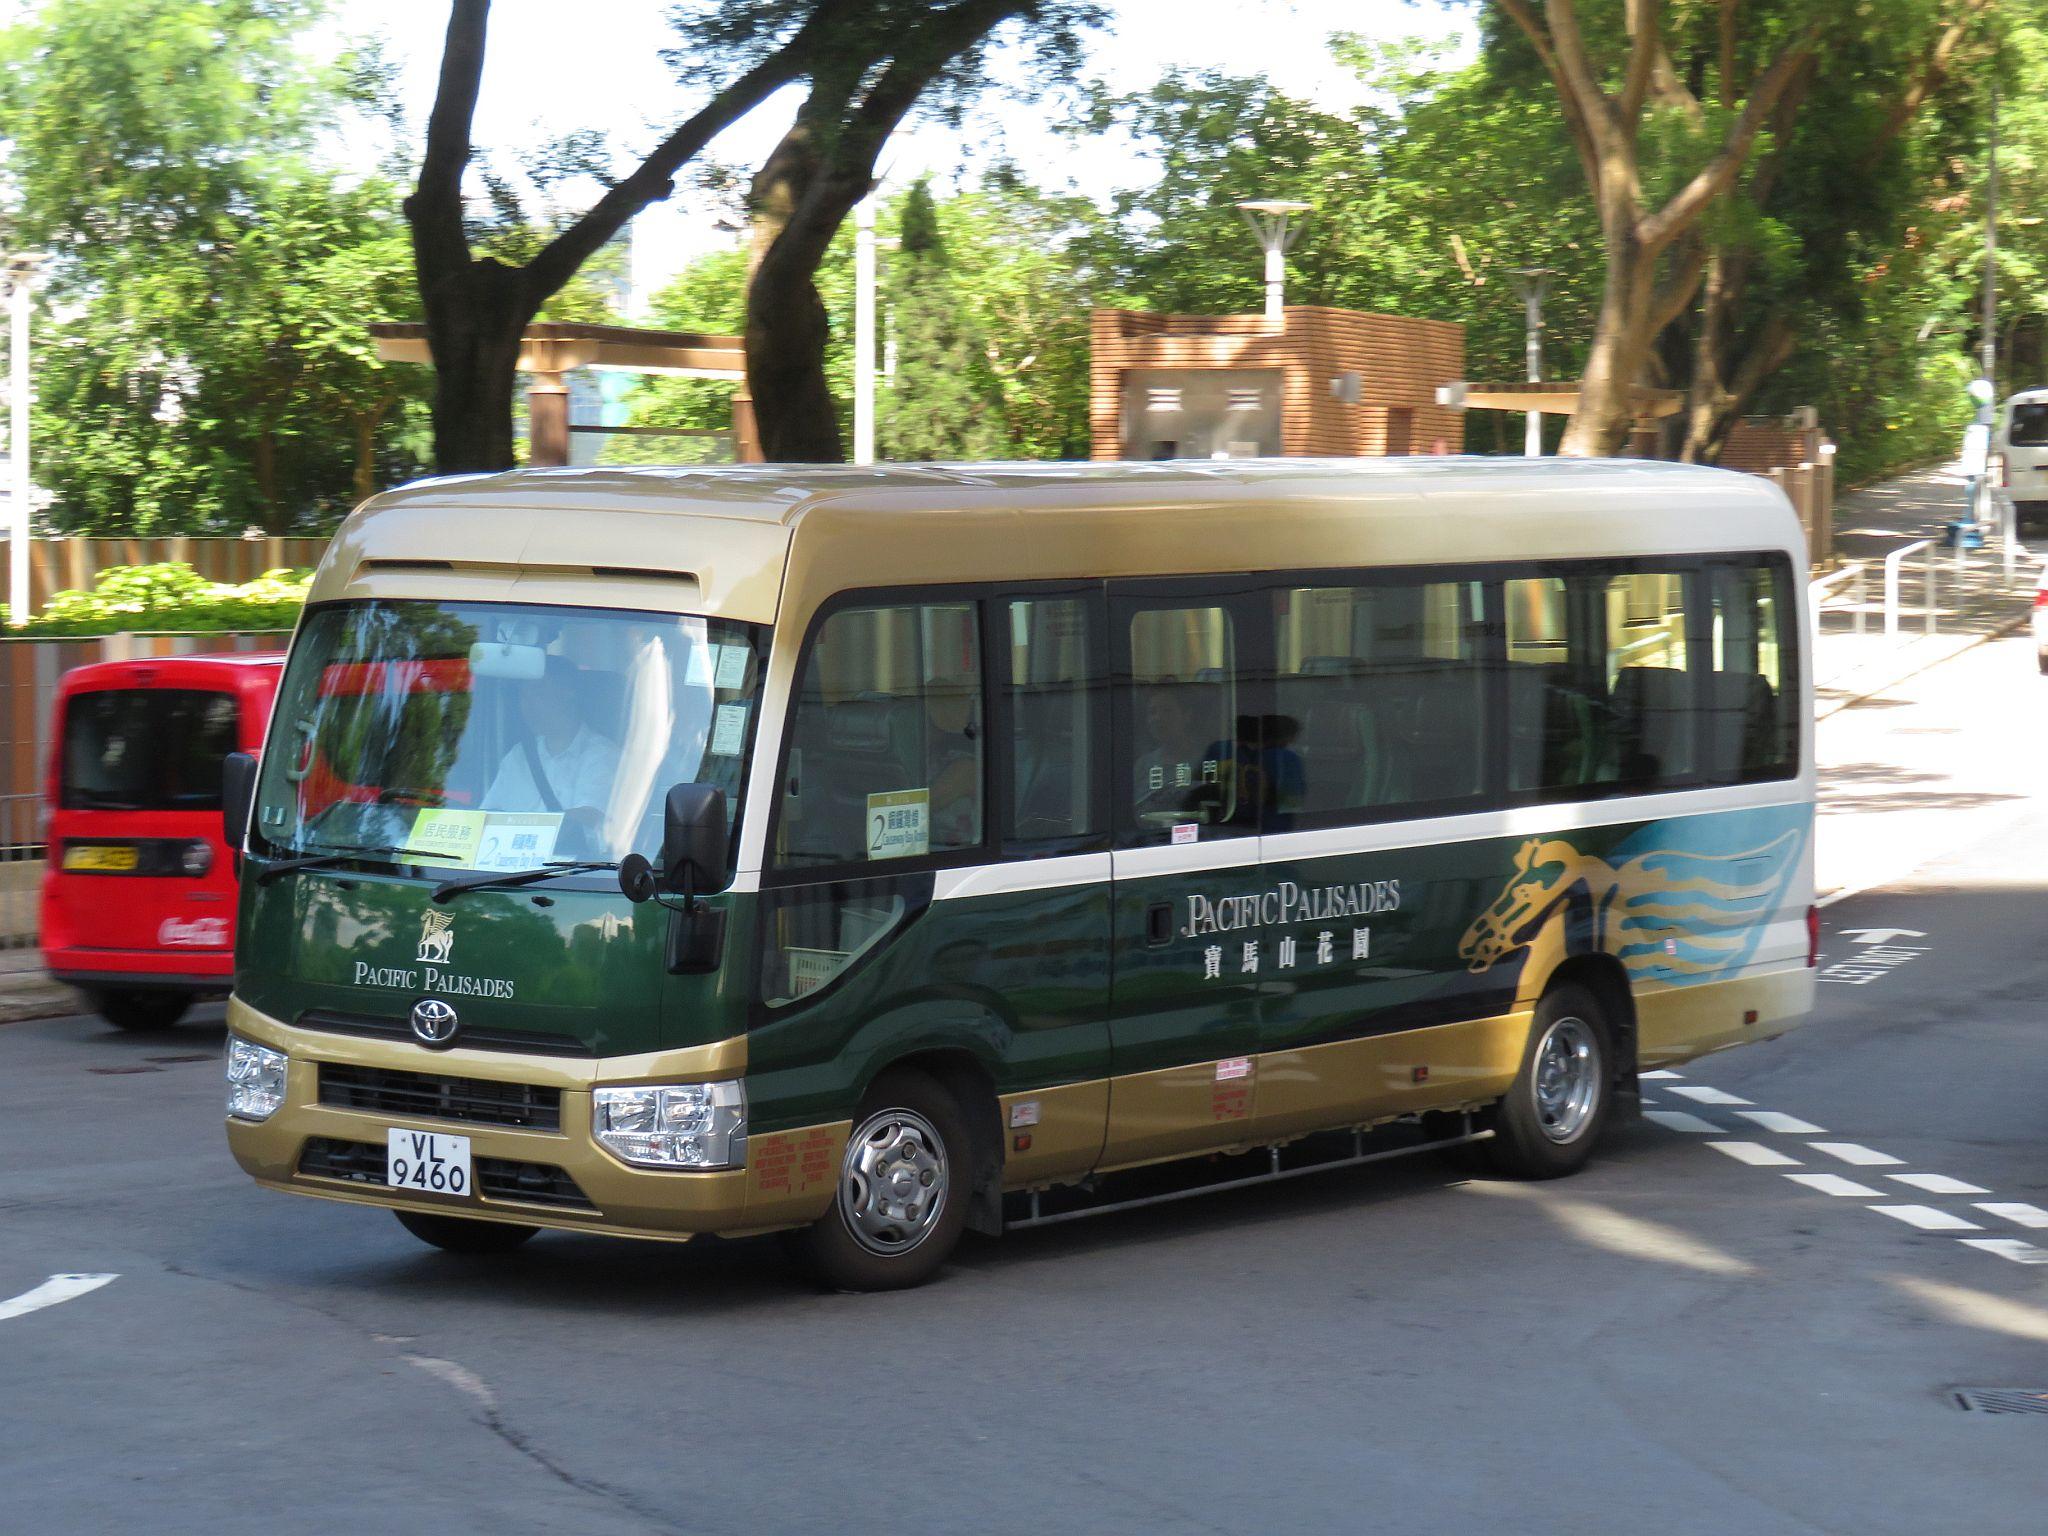 居民巴士HR81線